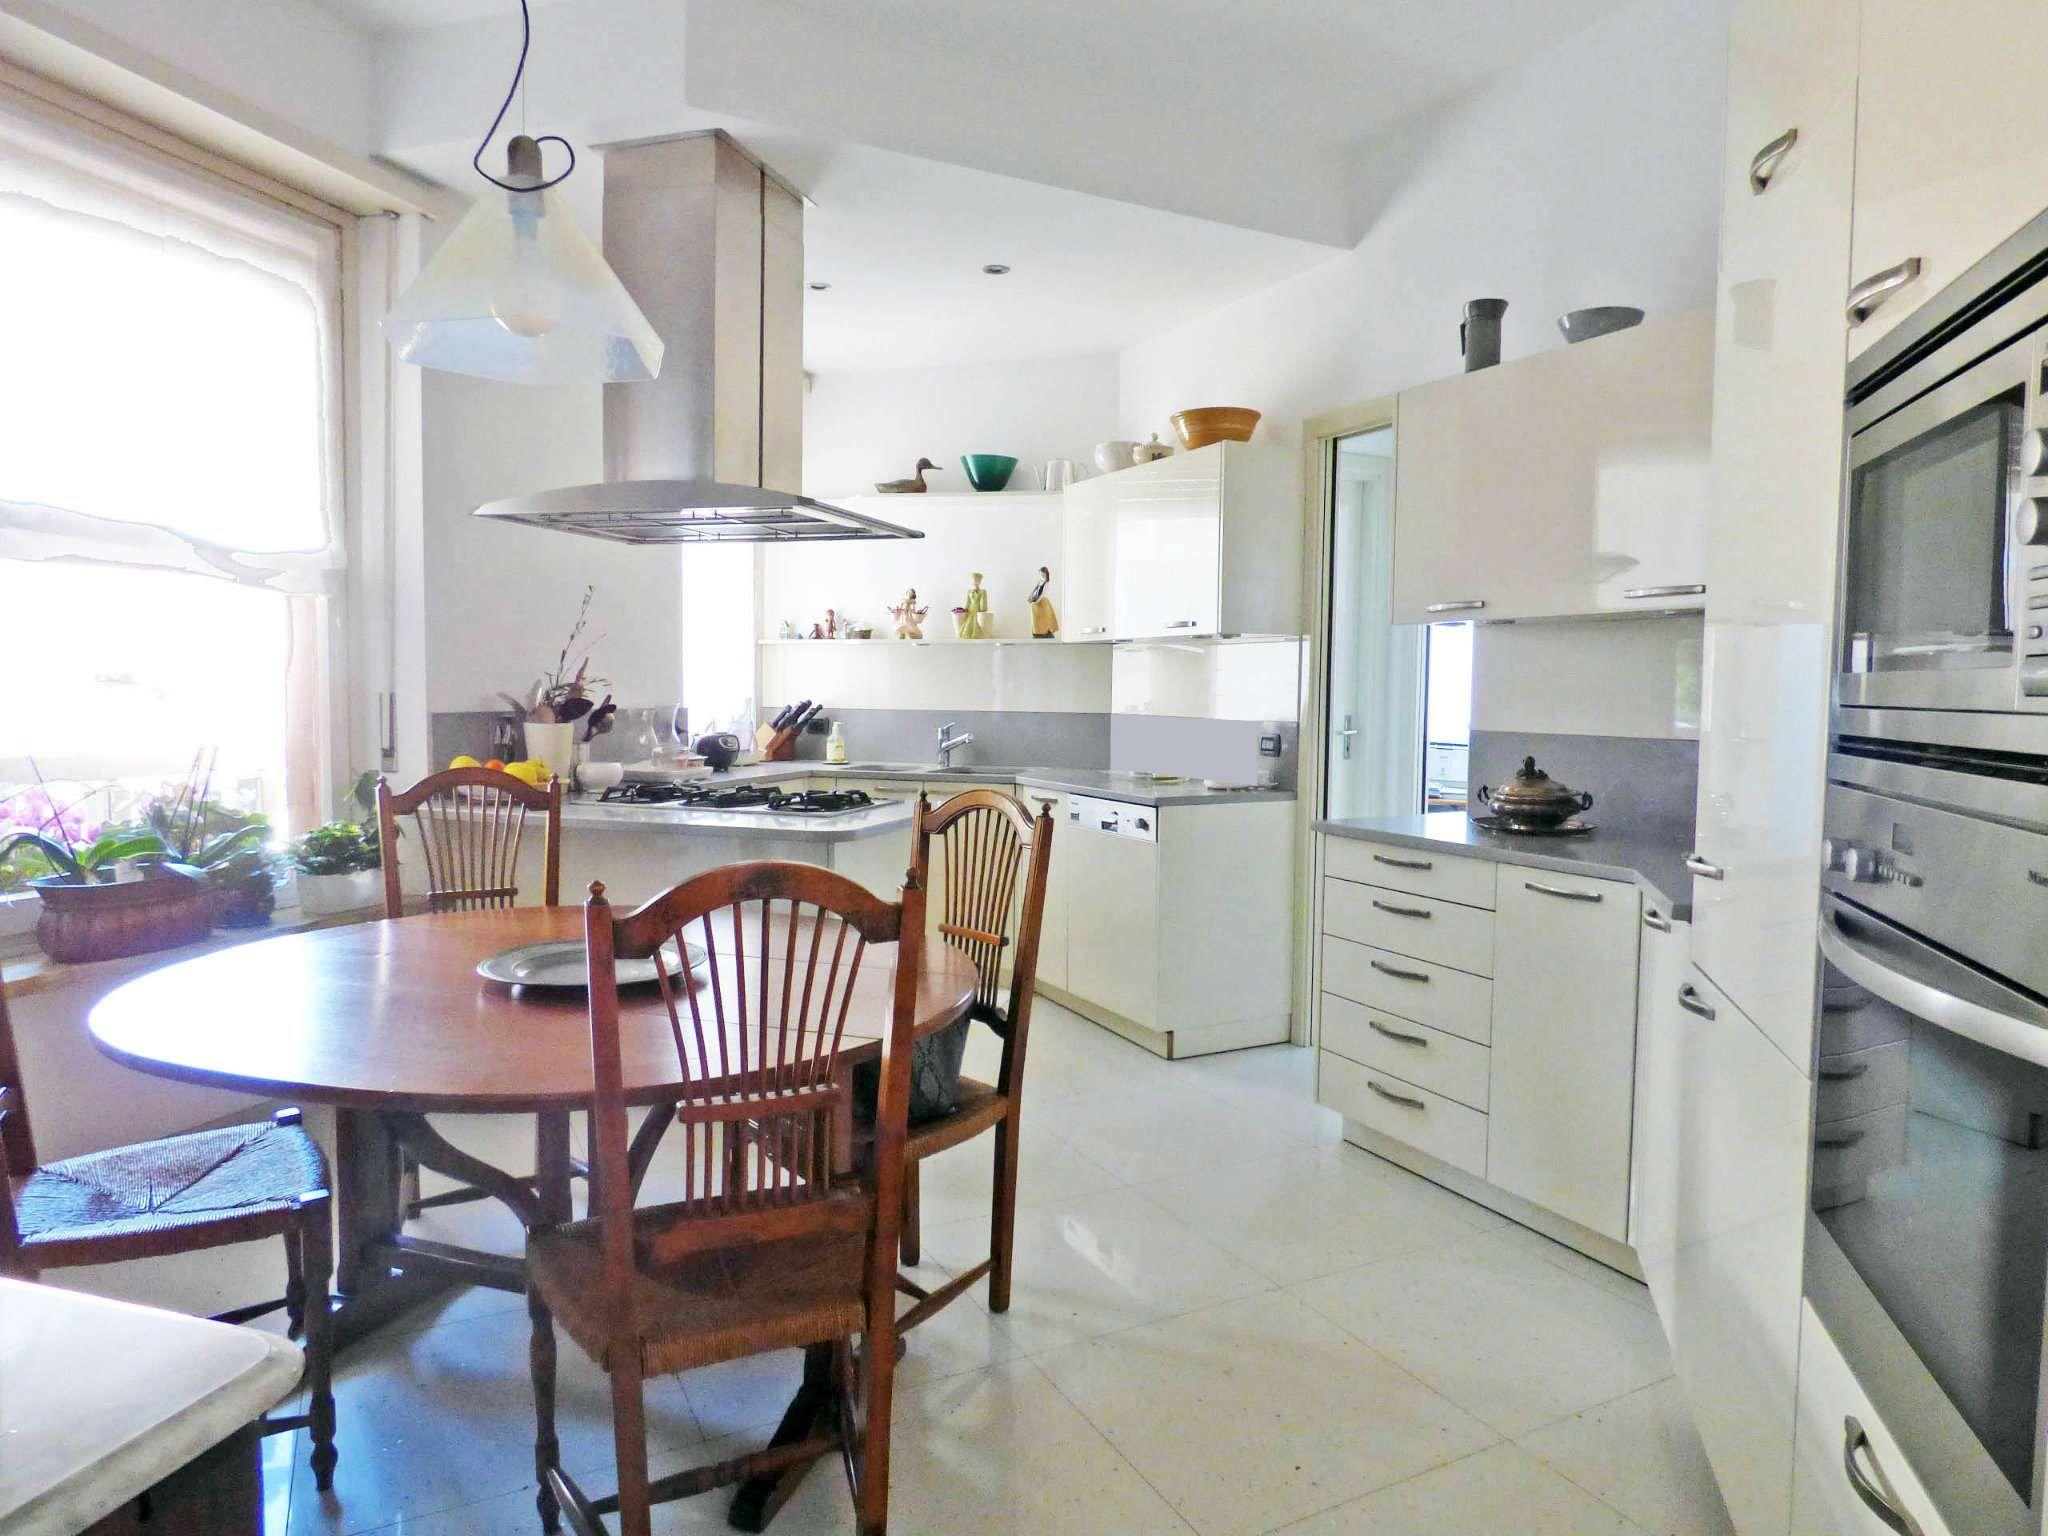 Immobile in vendita a Torino su www.vivoqui.it Case in